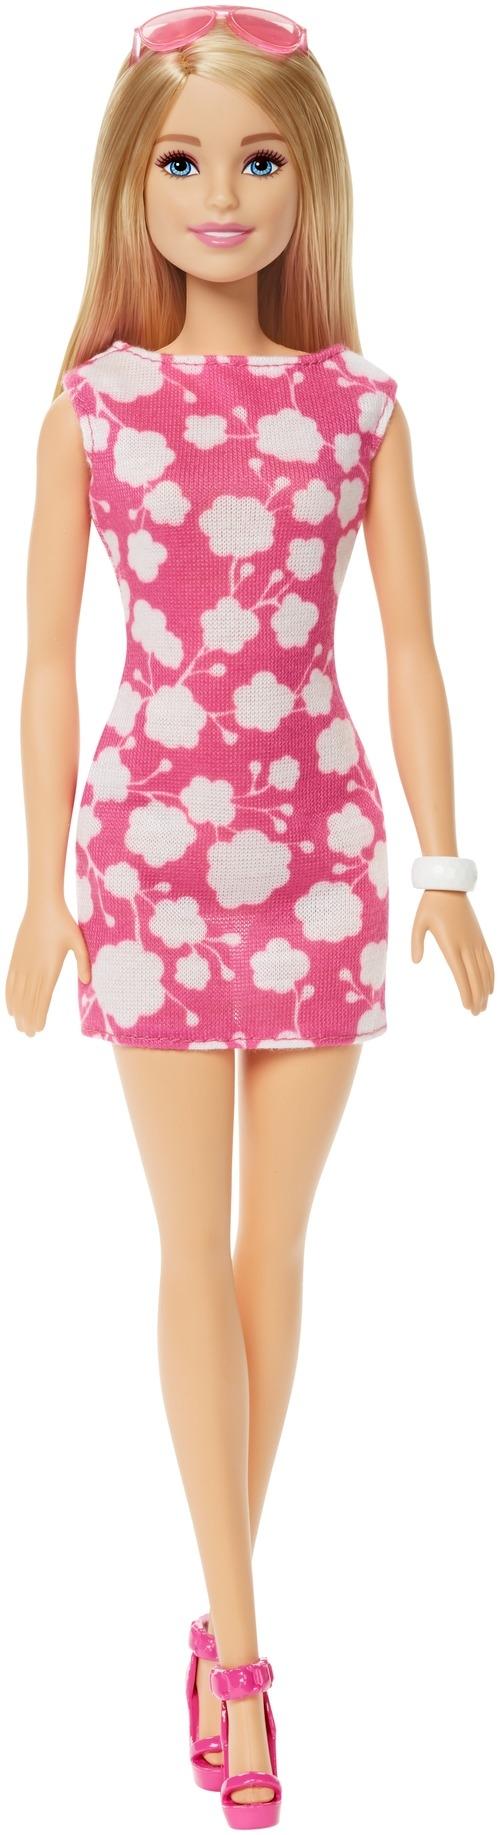 Barbie Barbie Кукла Barbie в модных платьях, в ассортименте